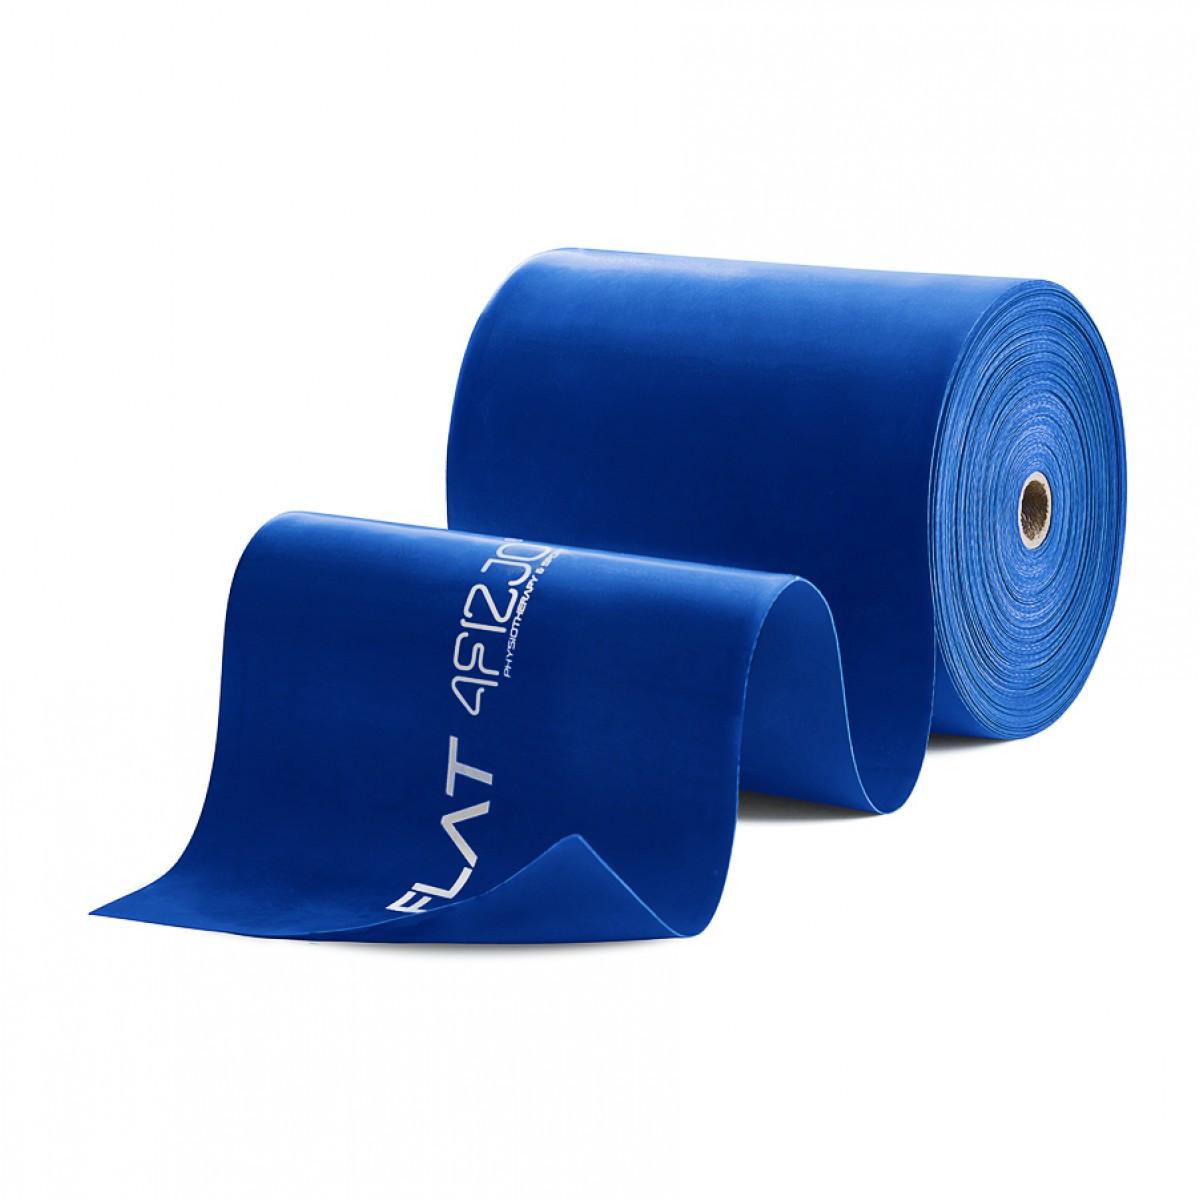 Стрічка-еспандер для спорту і реабілітації 4FIZJO Flat Band 30 м 9-11 кг